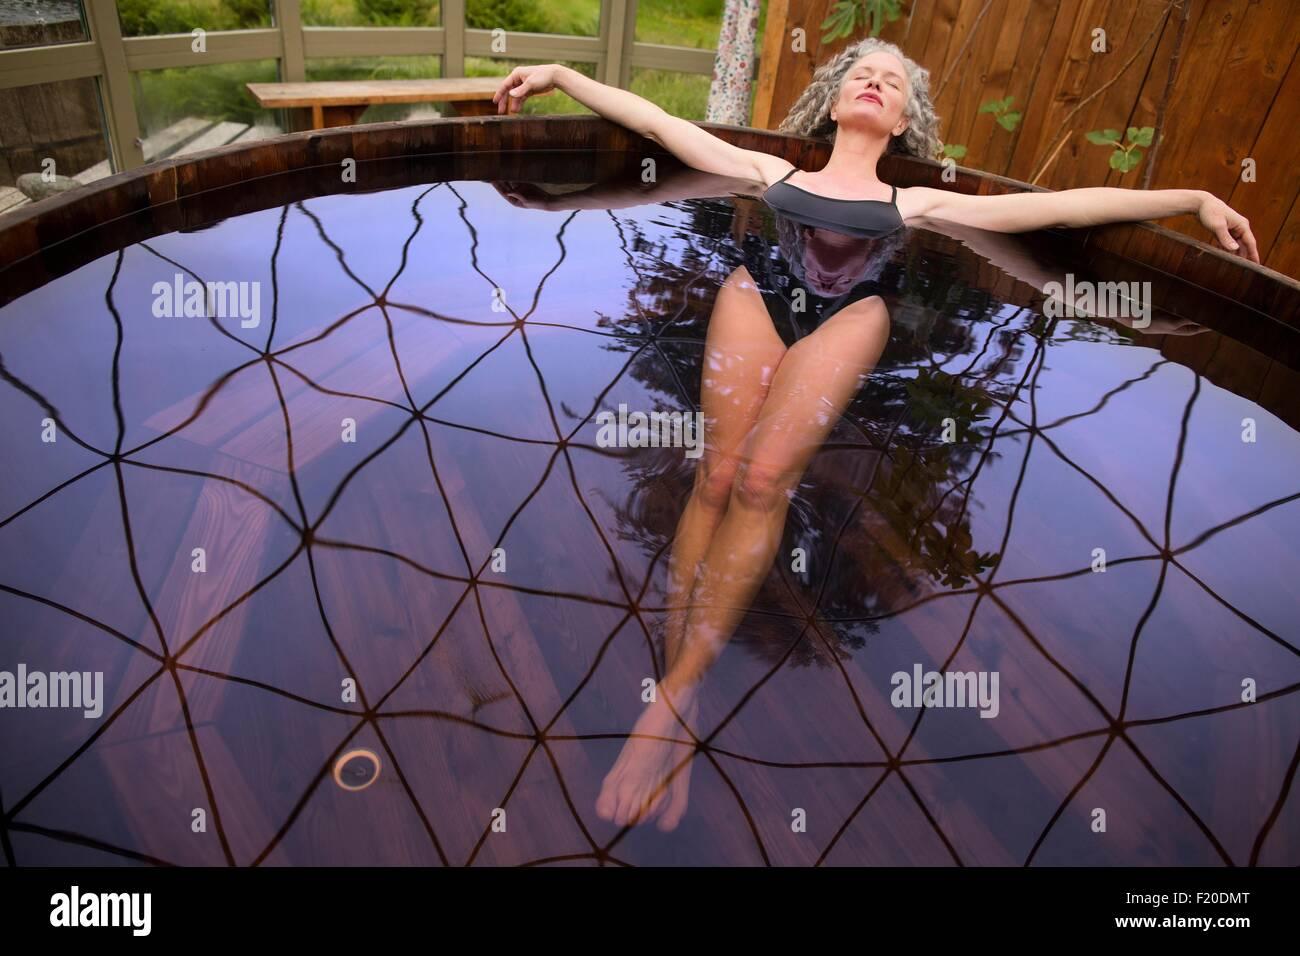 Reife Frau im Whirlpool bei Eco Retreat liegt Stockbild